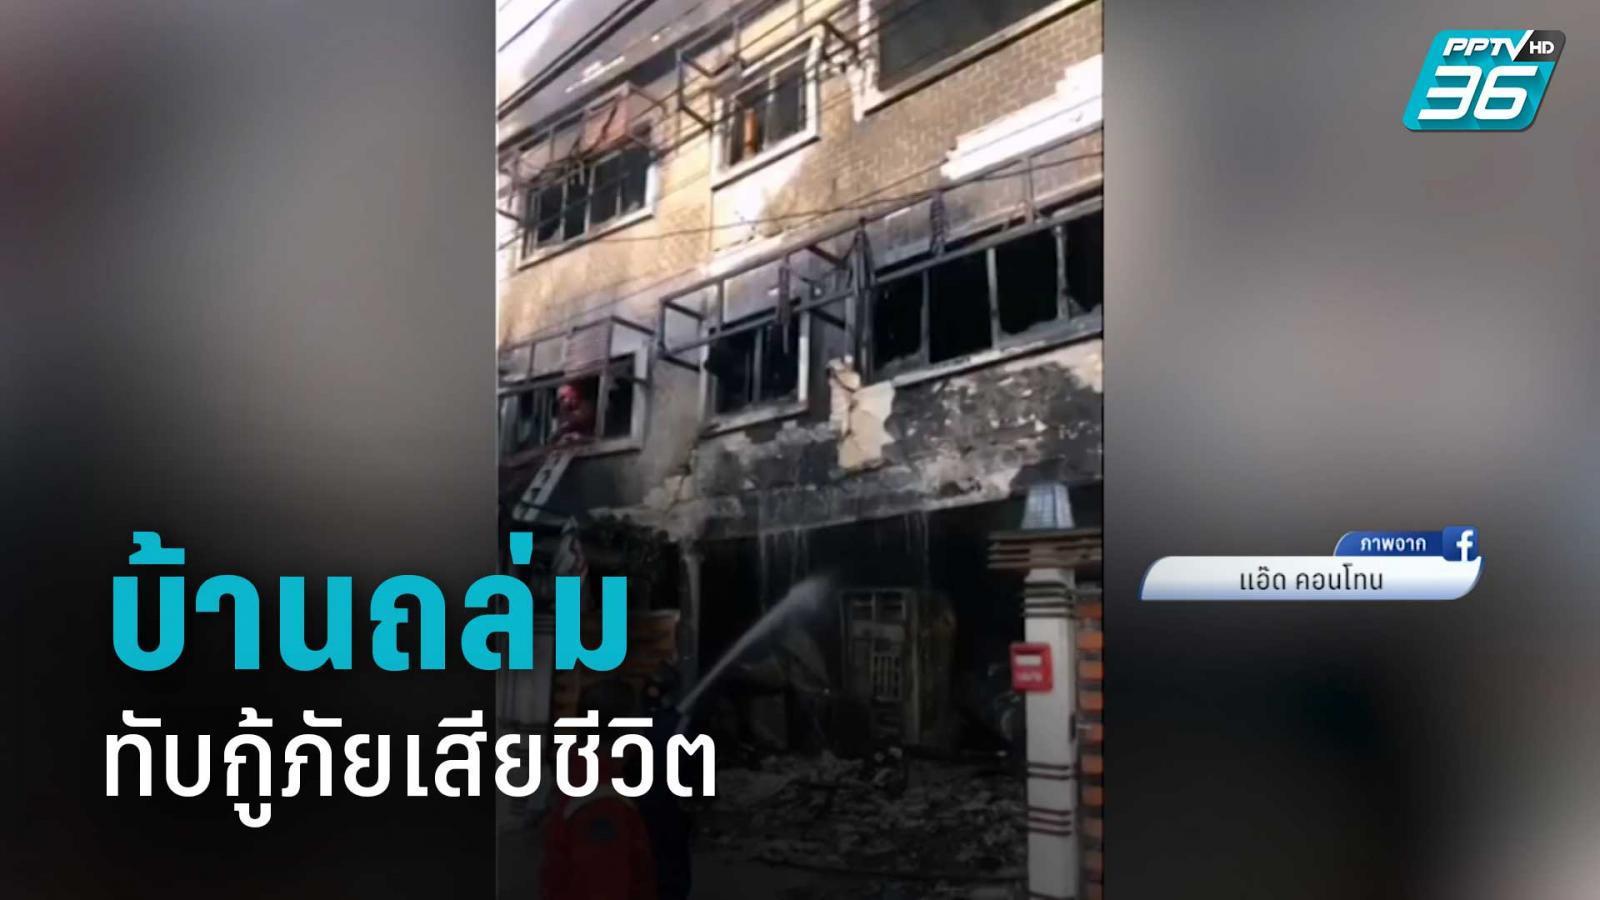 ไฟไหม้บ้าน เกิดทรุดตัว ถล่มทับกู้ภัยบาดเจ็บ-เสียชีวิต